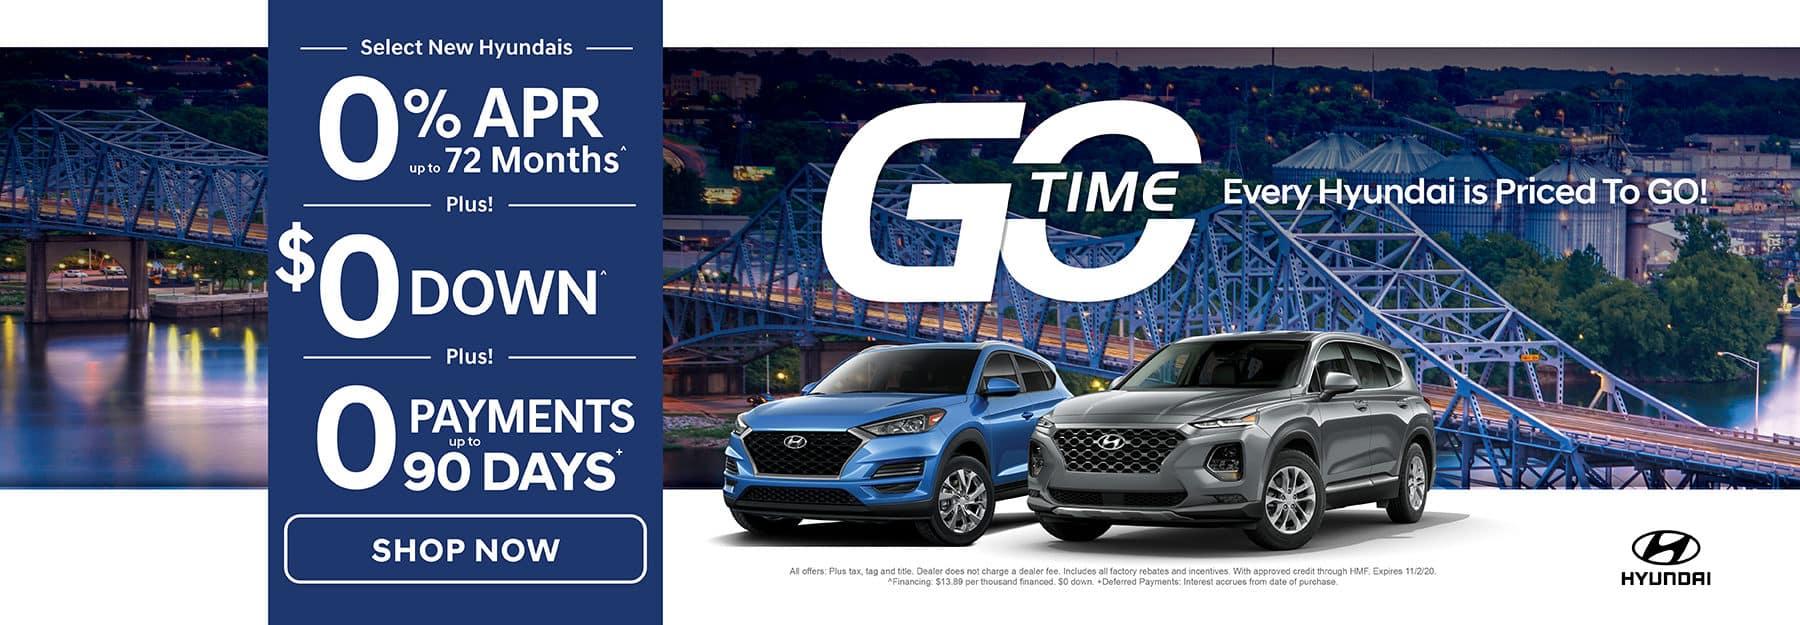 GO TIME - Select New Hyundais